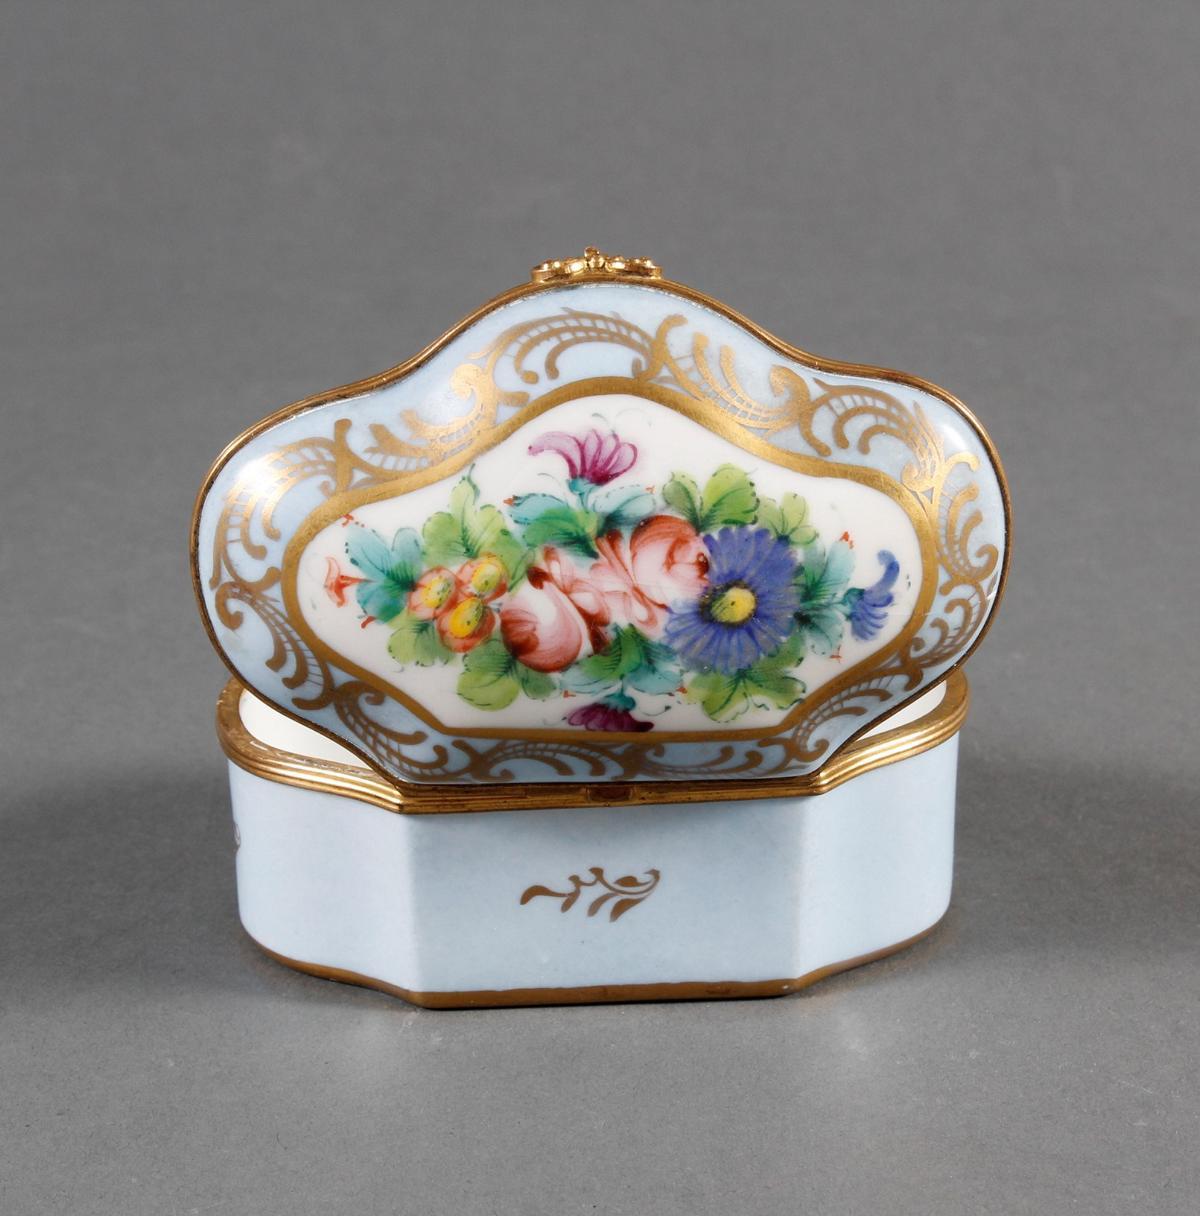 Limoges Frankreich, Handbemalte Porzellan-Pillendose, 1. Hälfte 20. Jahrhundert-3